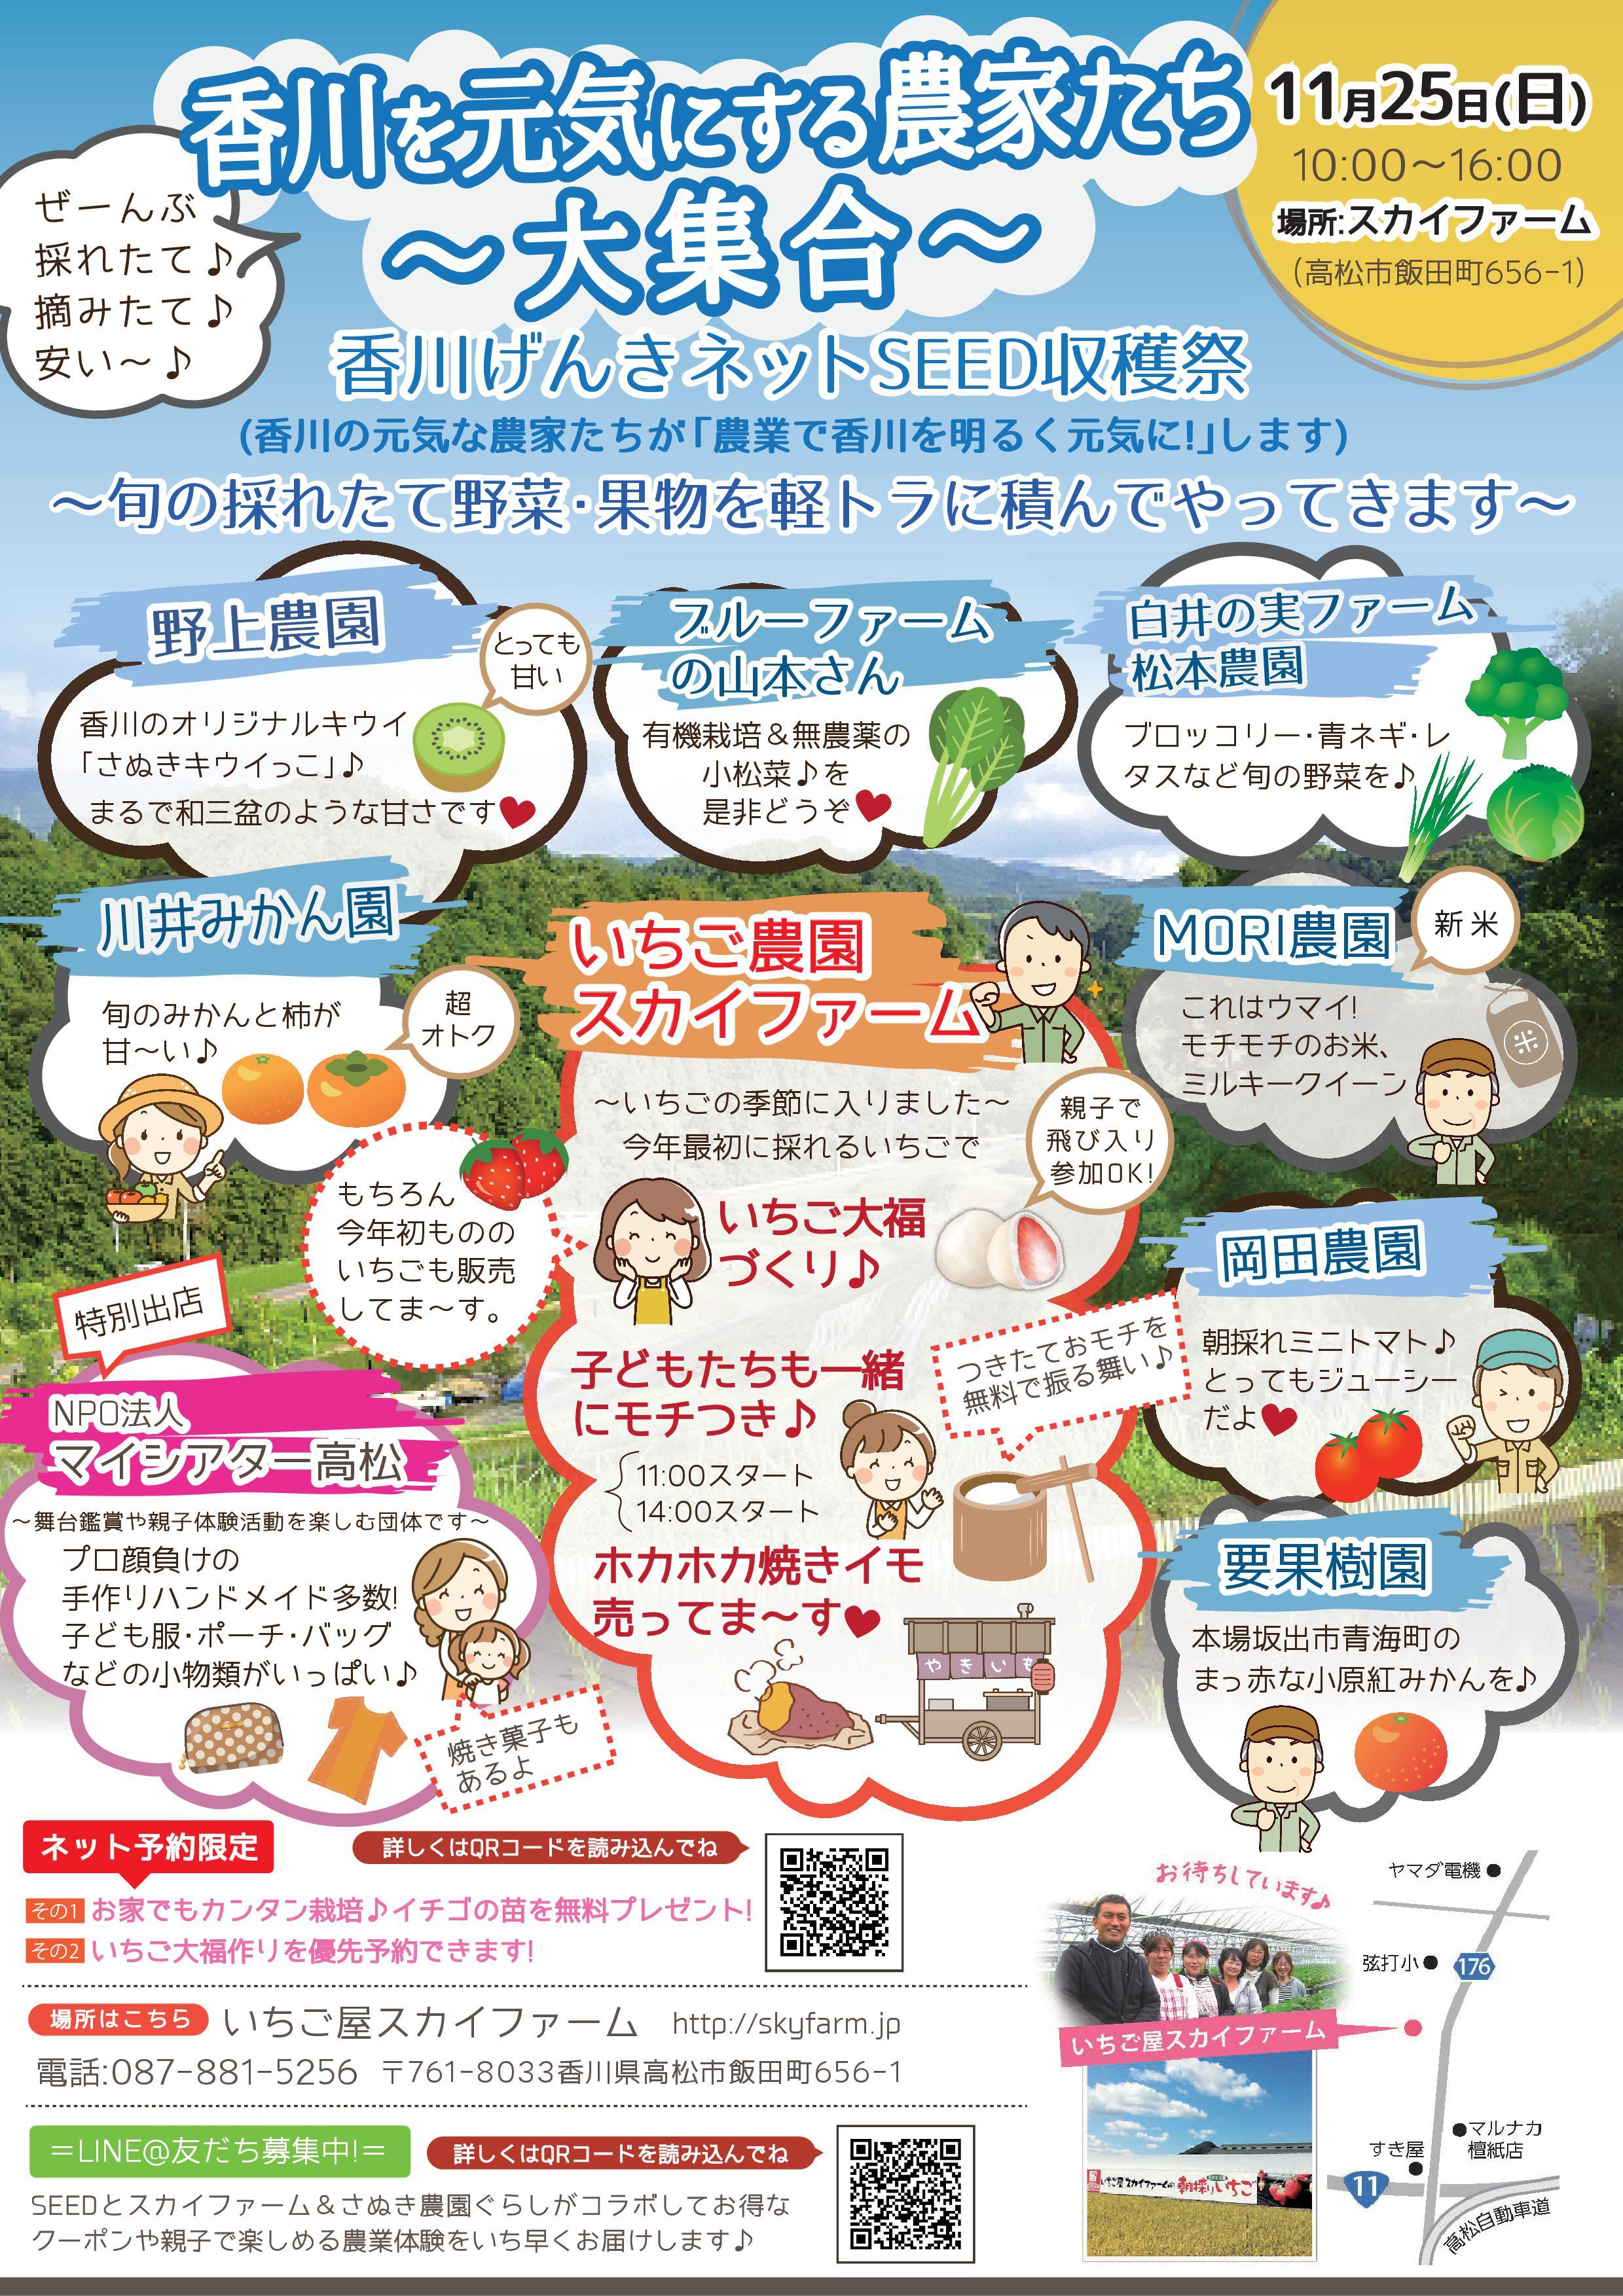 SEED収穫祭チラシ.jpg